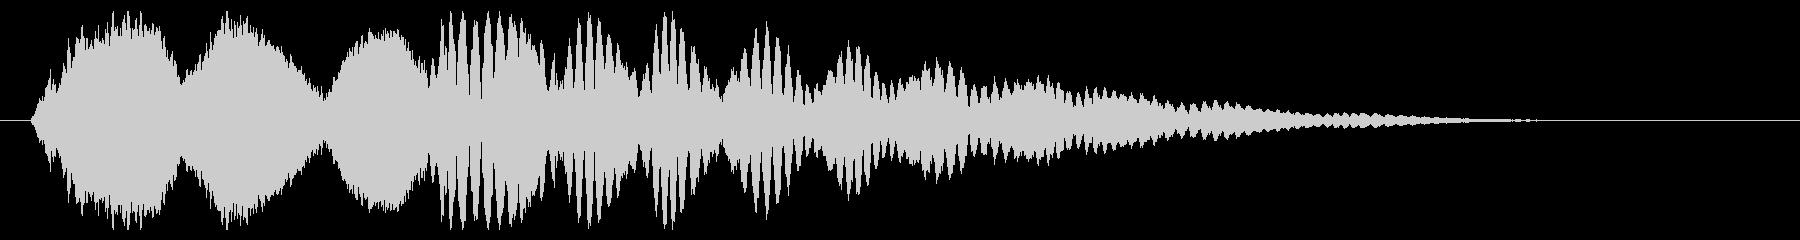 小鳥が元気にさえずる効果音の未再生の波形